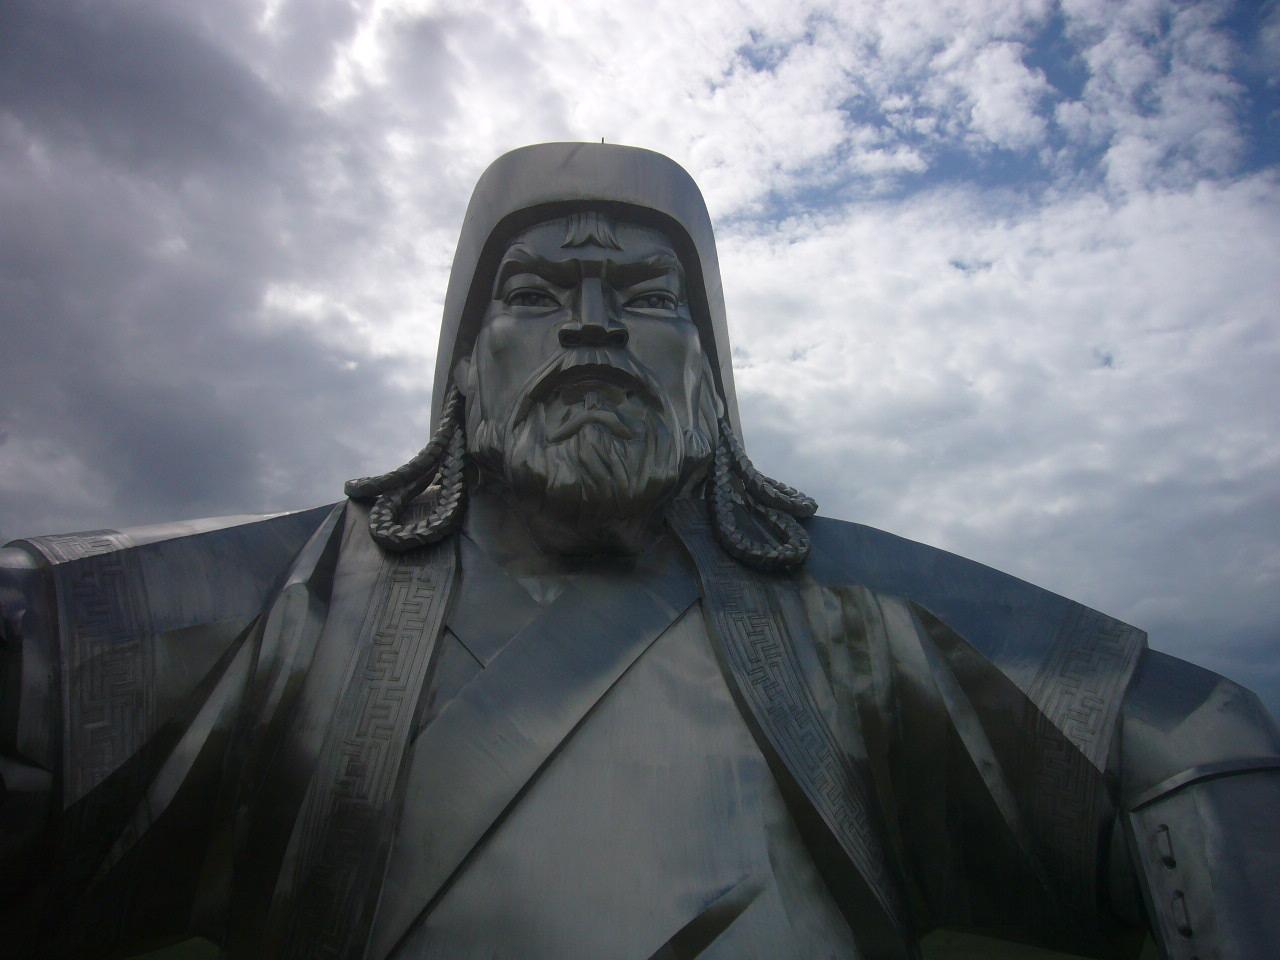 モンゴル大帝王顔H25.6.21